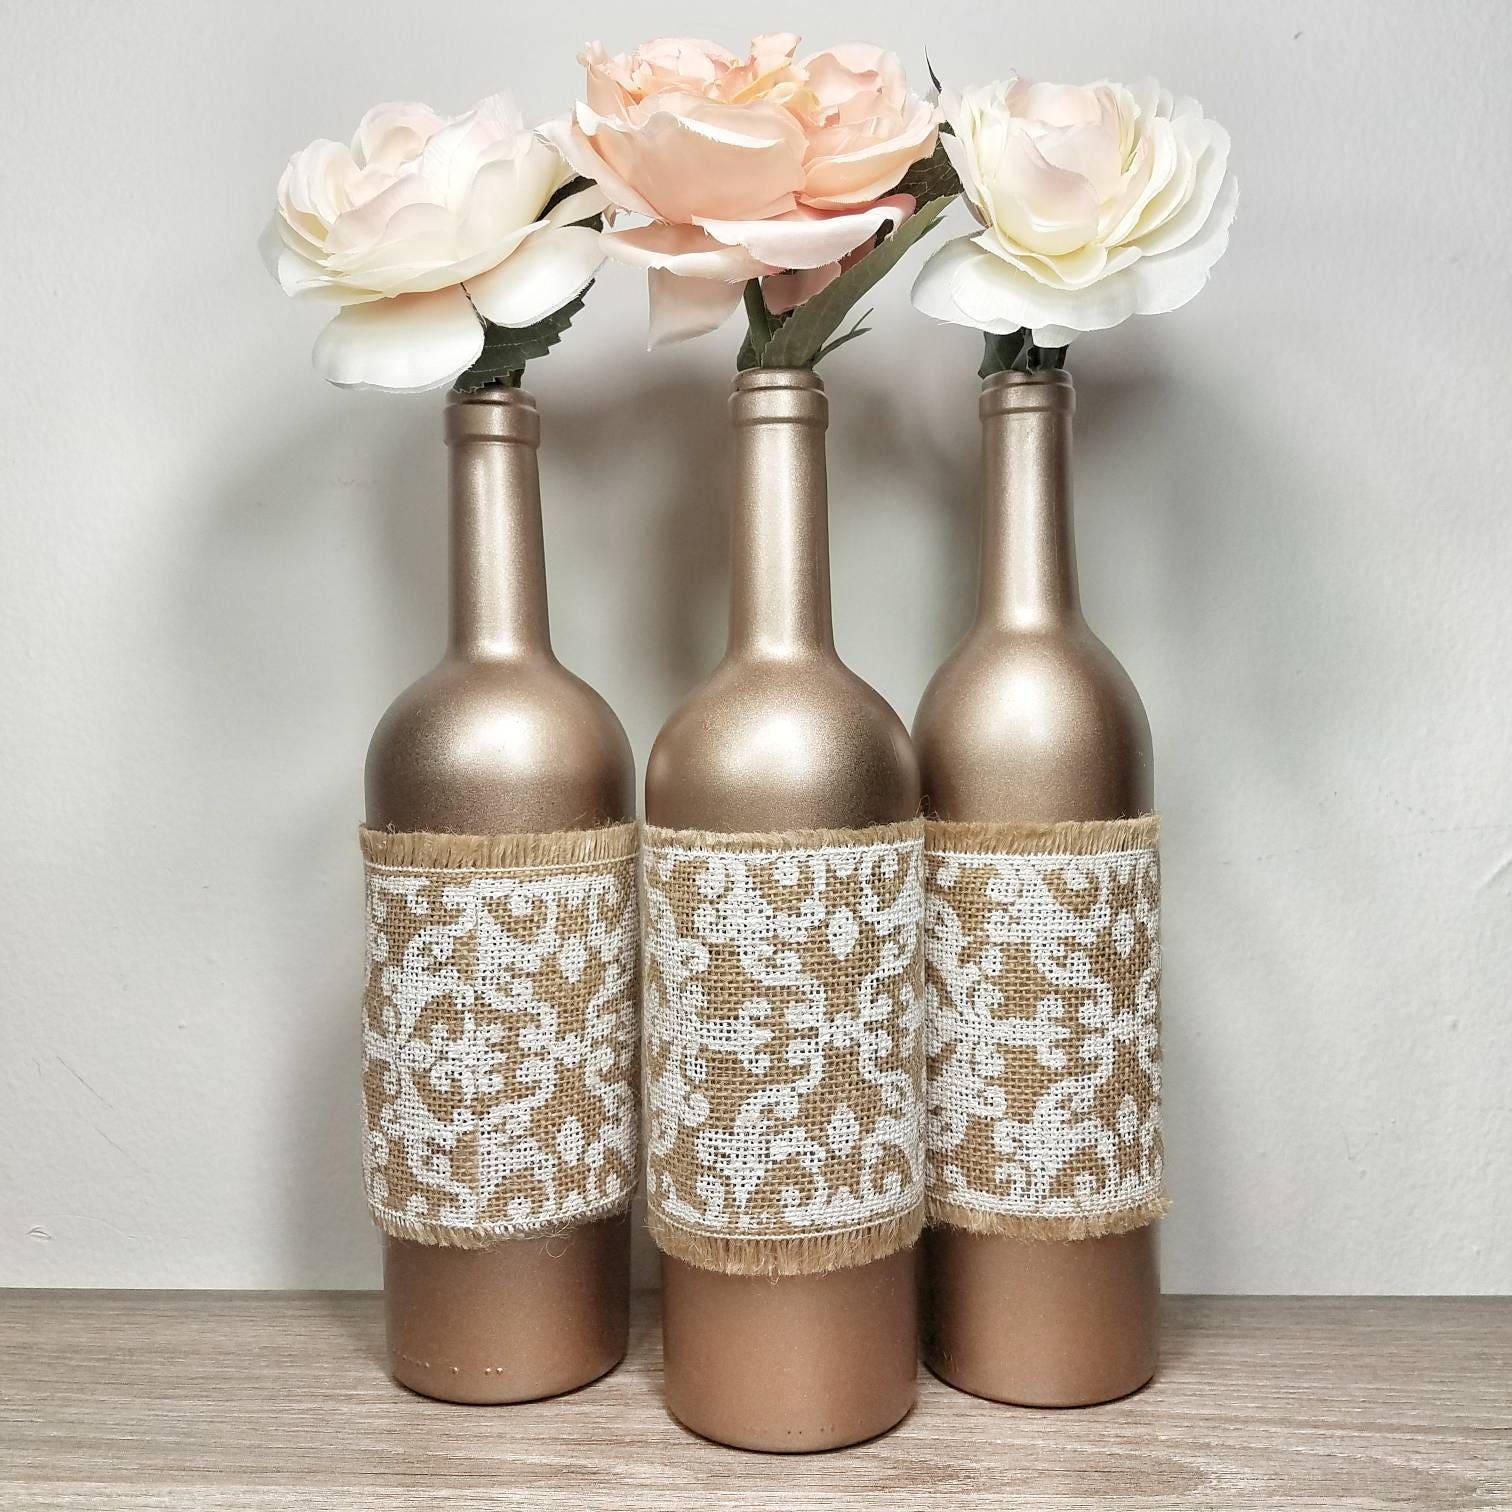 Wine Bottle Home Decor: Wine Bottle Decor Wine Bottles Decorated Wine Bottle Vase